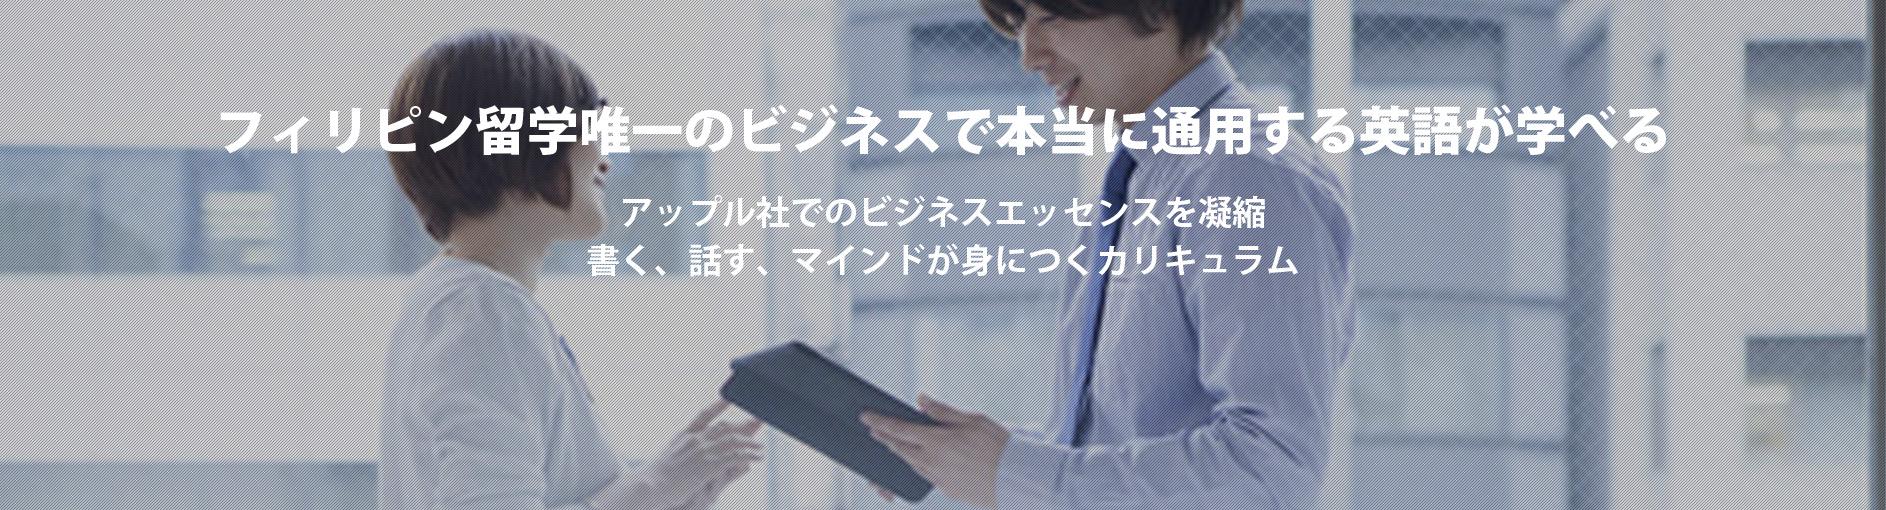 元アップルシニアマネージャーが立ち上げた、日本人向け英語留学学校